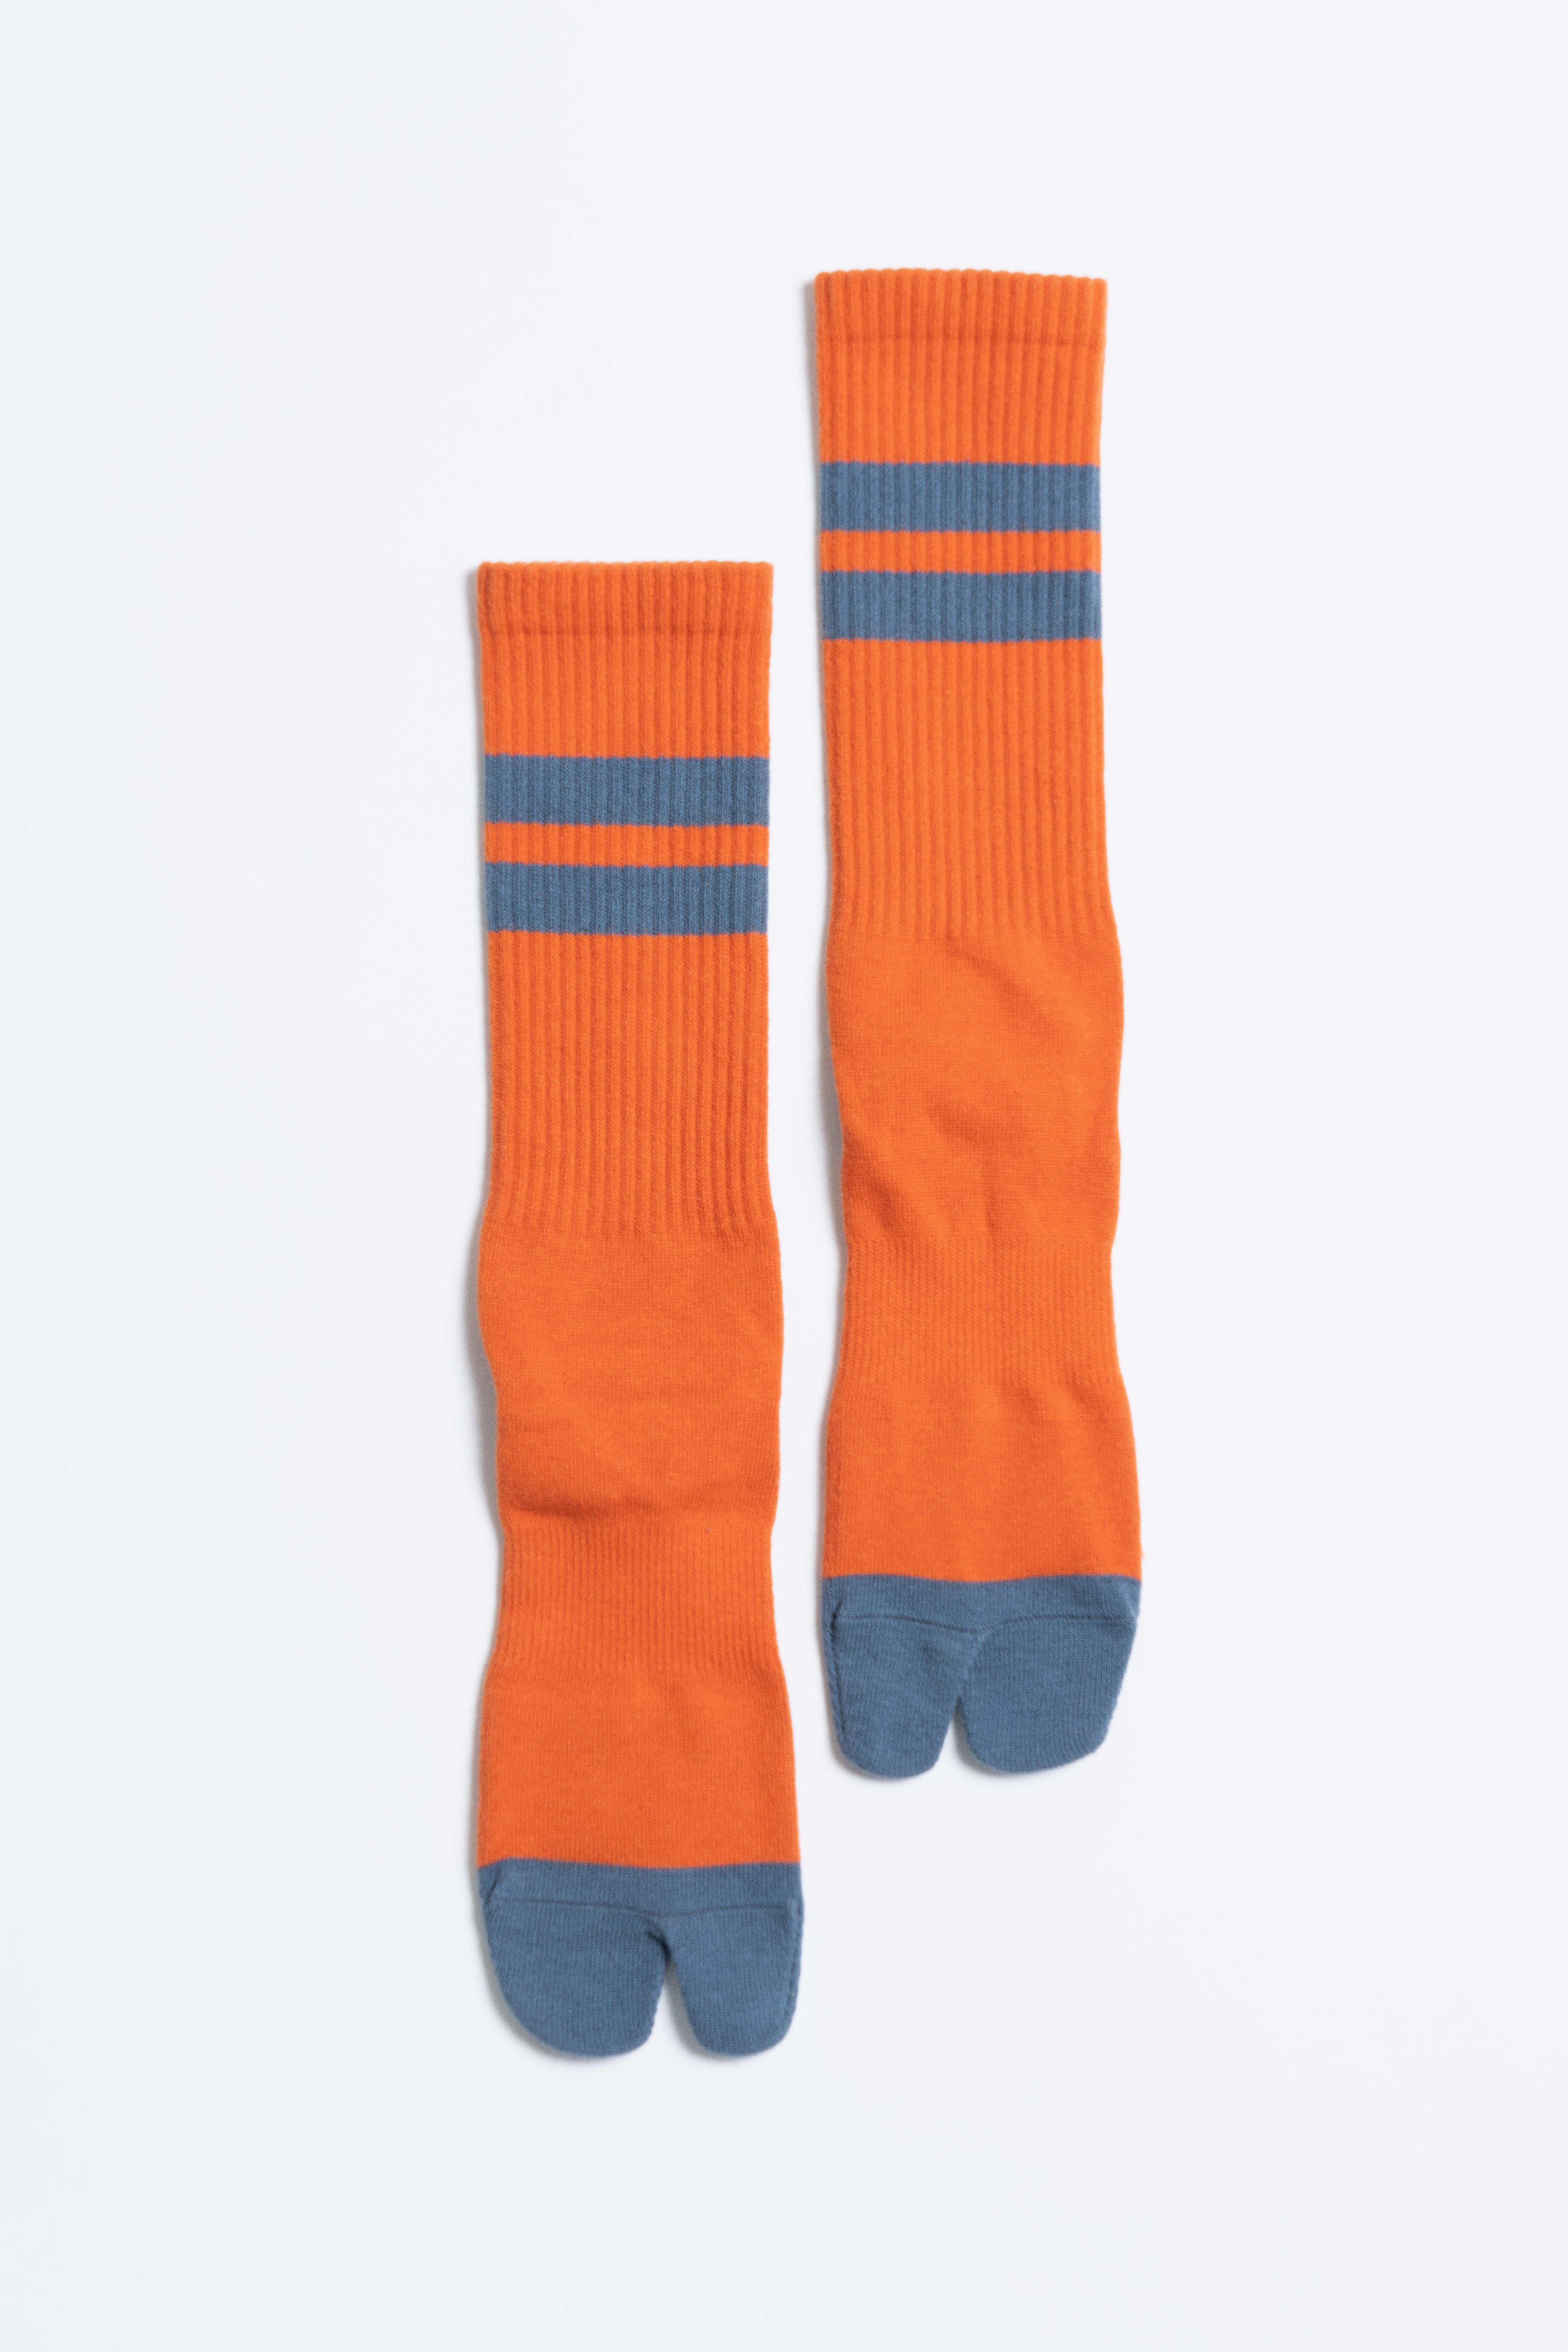 Signature Socks(Autumn Orange × Road Blue)